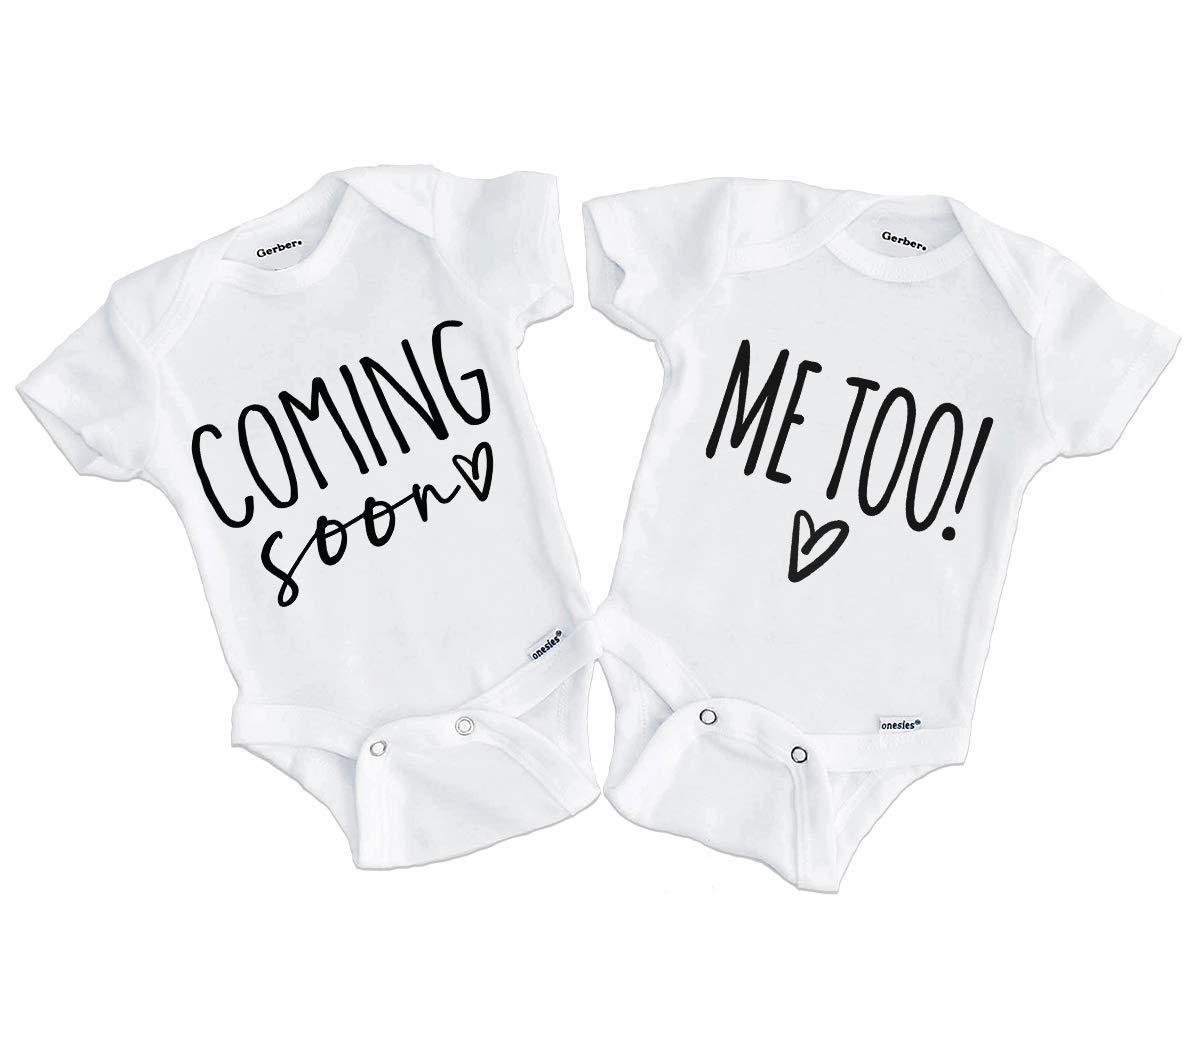 Coming Soon Onesie Me Too Twin Pregnancy Reveal Onesies Pregnancy Announcement Twins ONESIES Bodysuits